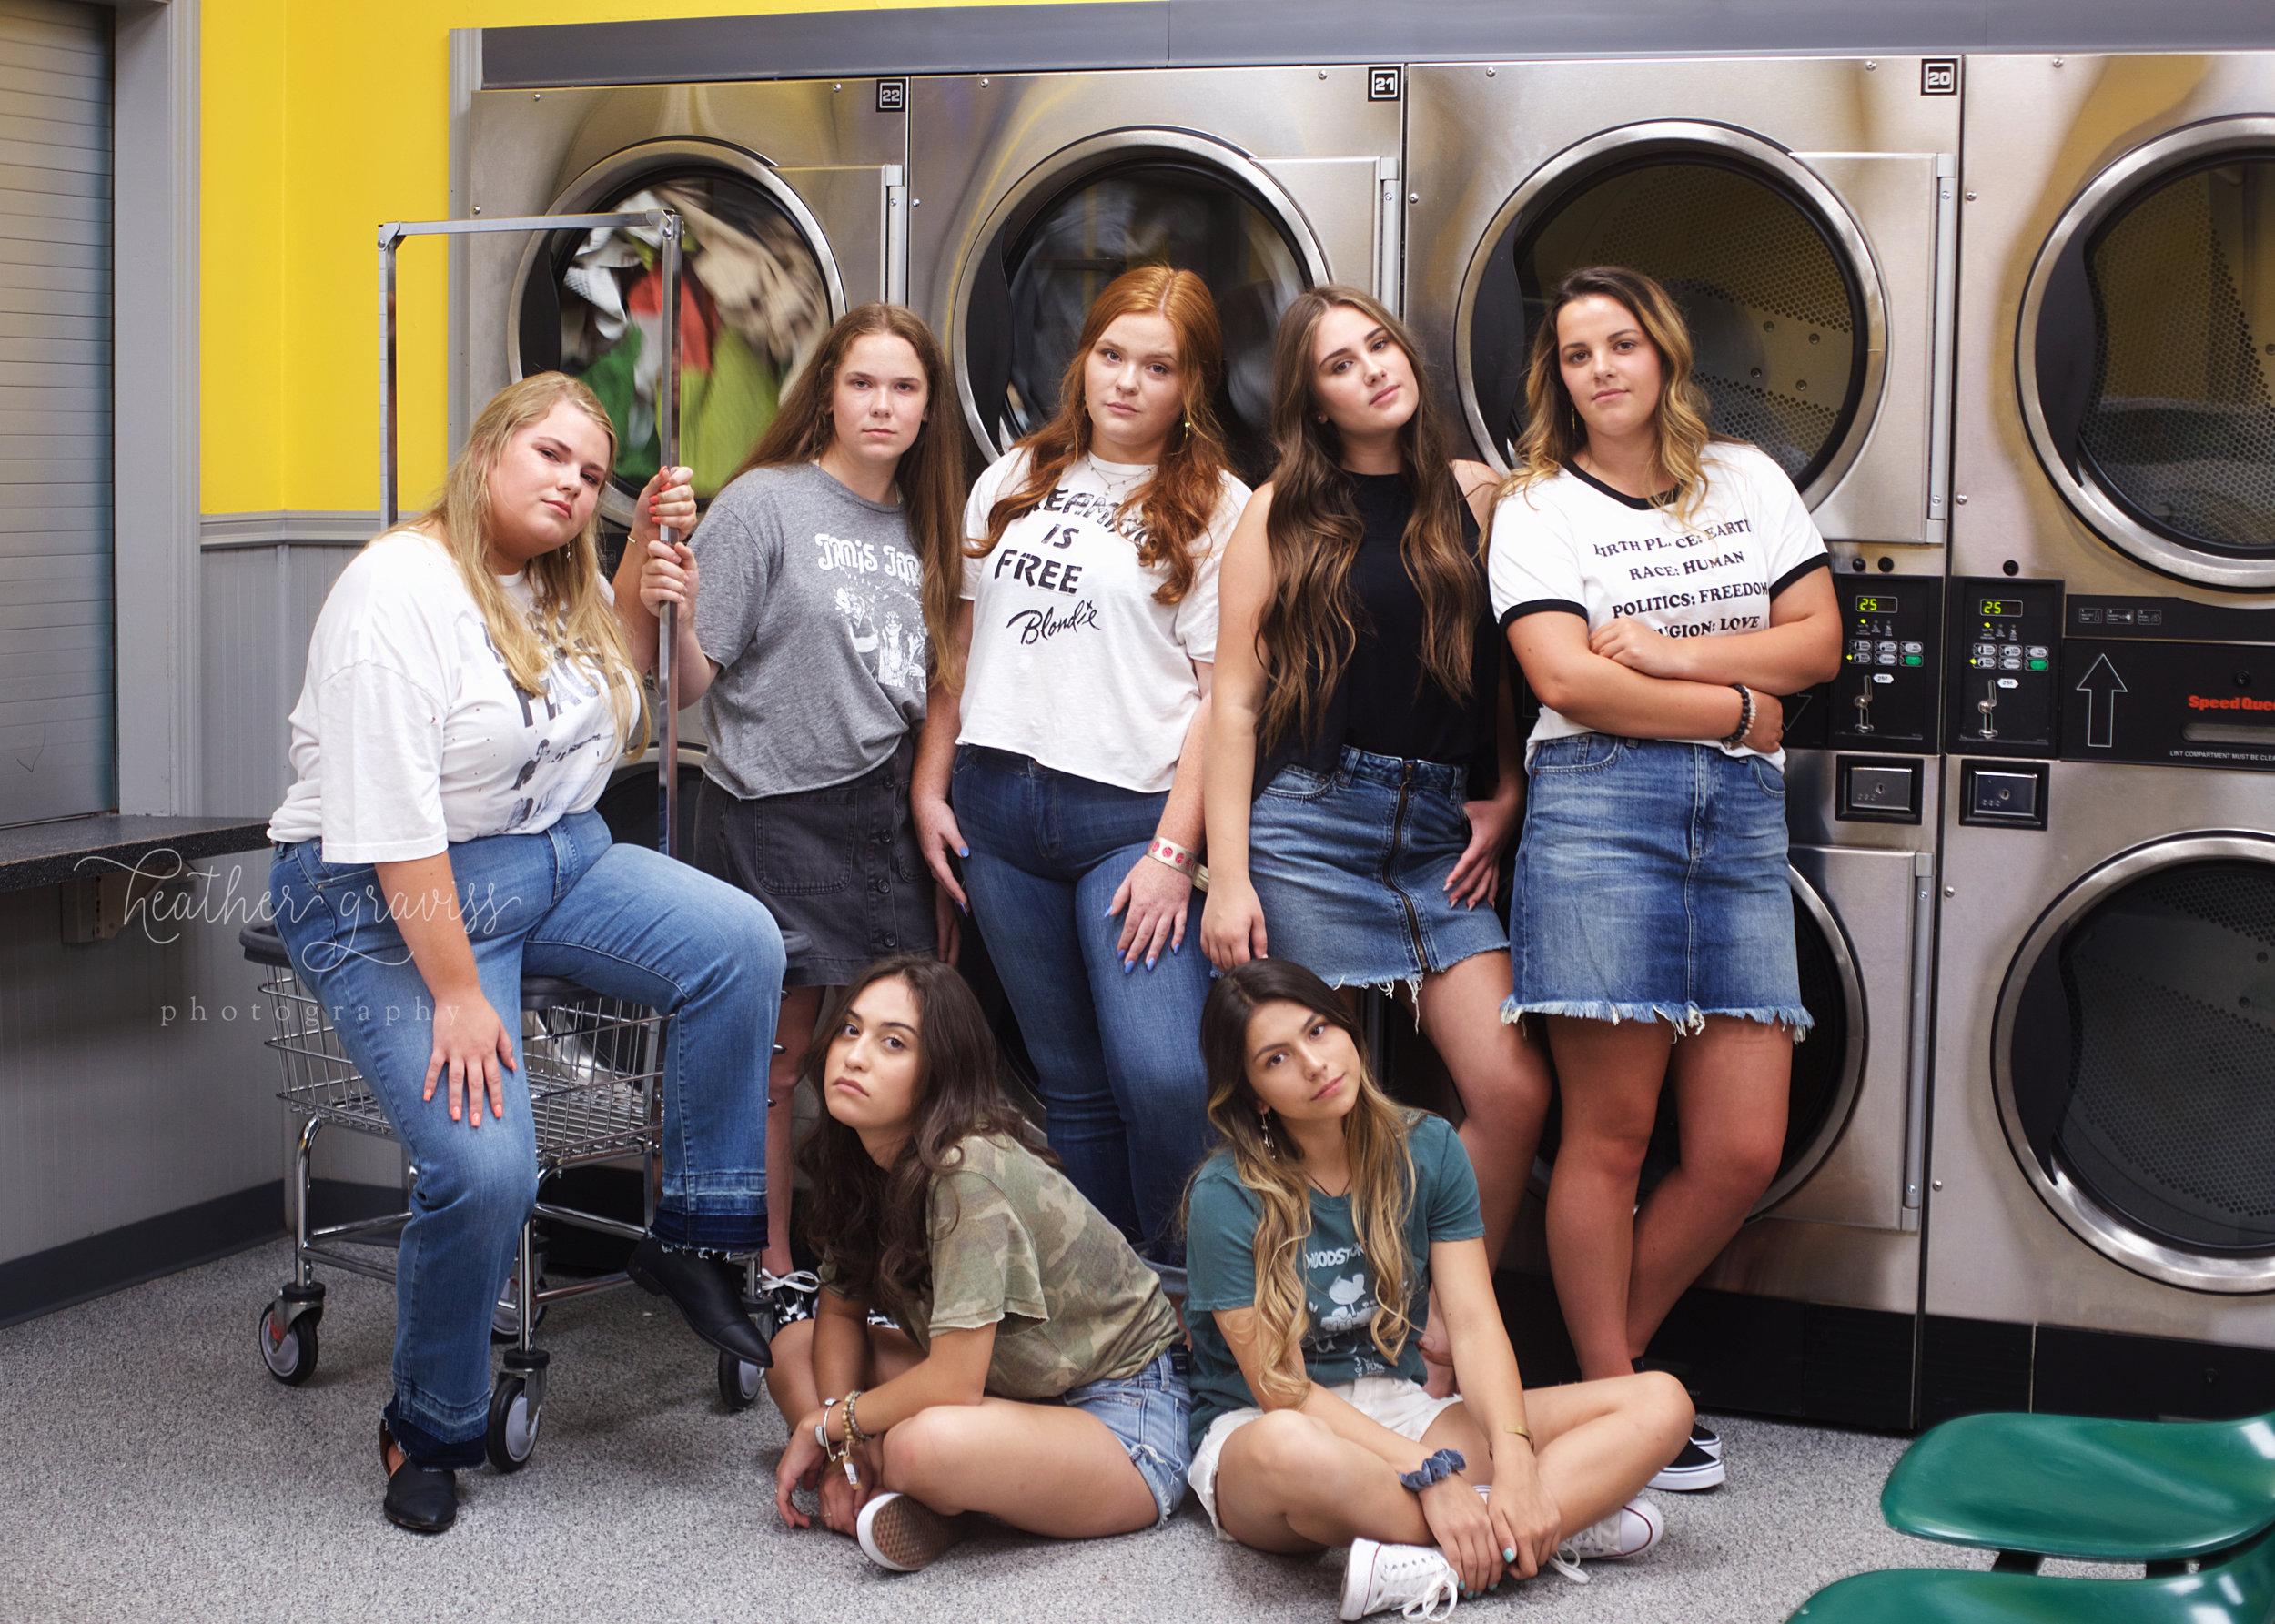 seniors-in-a-laundromat.jpg